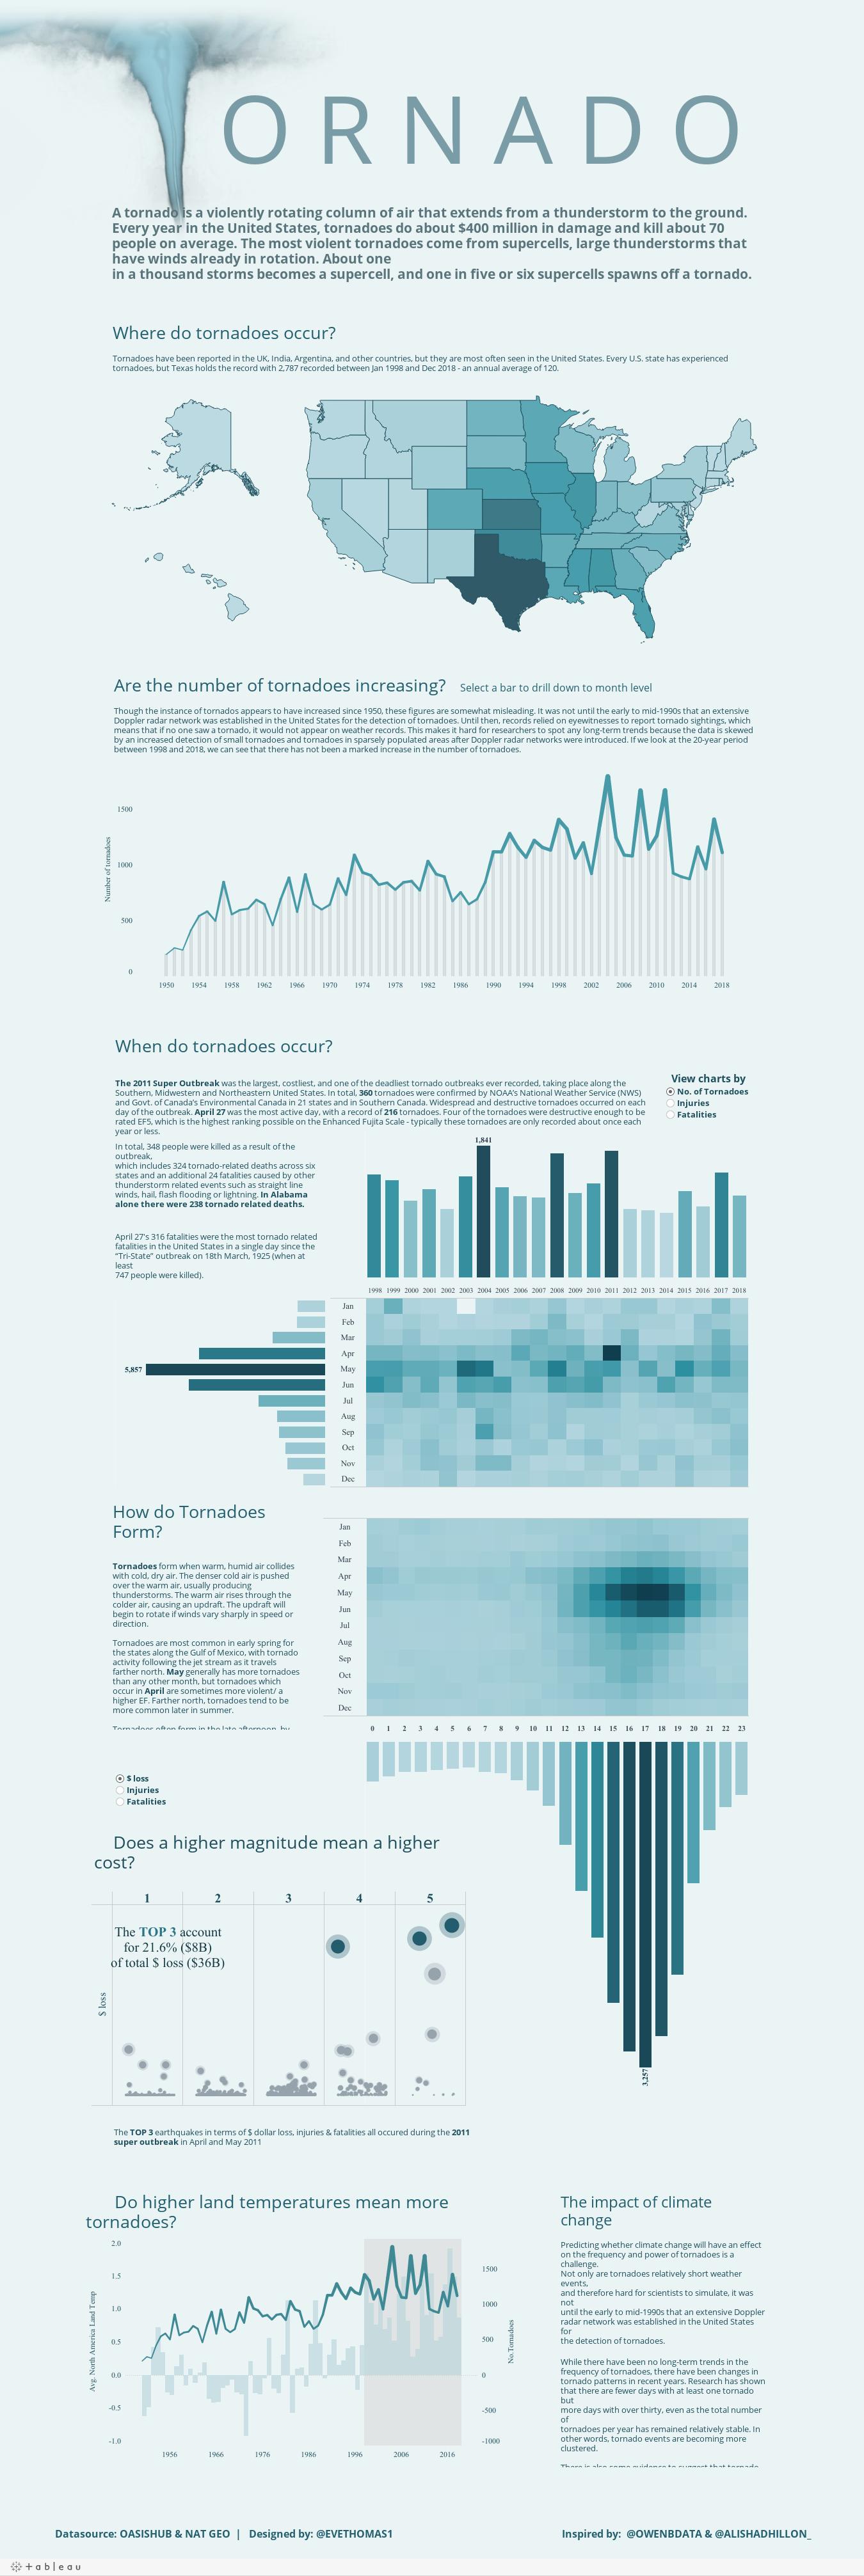 Wizualizacja danych - tornada w USA